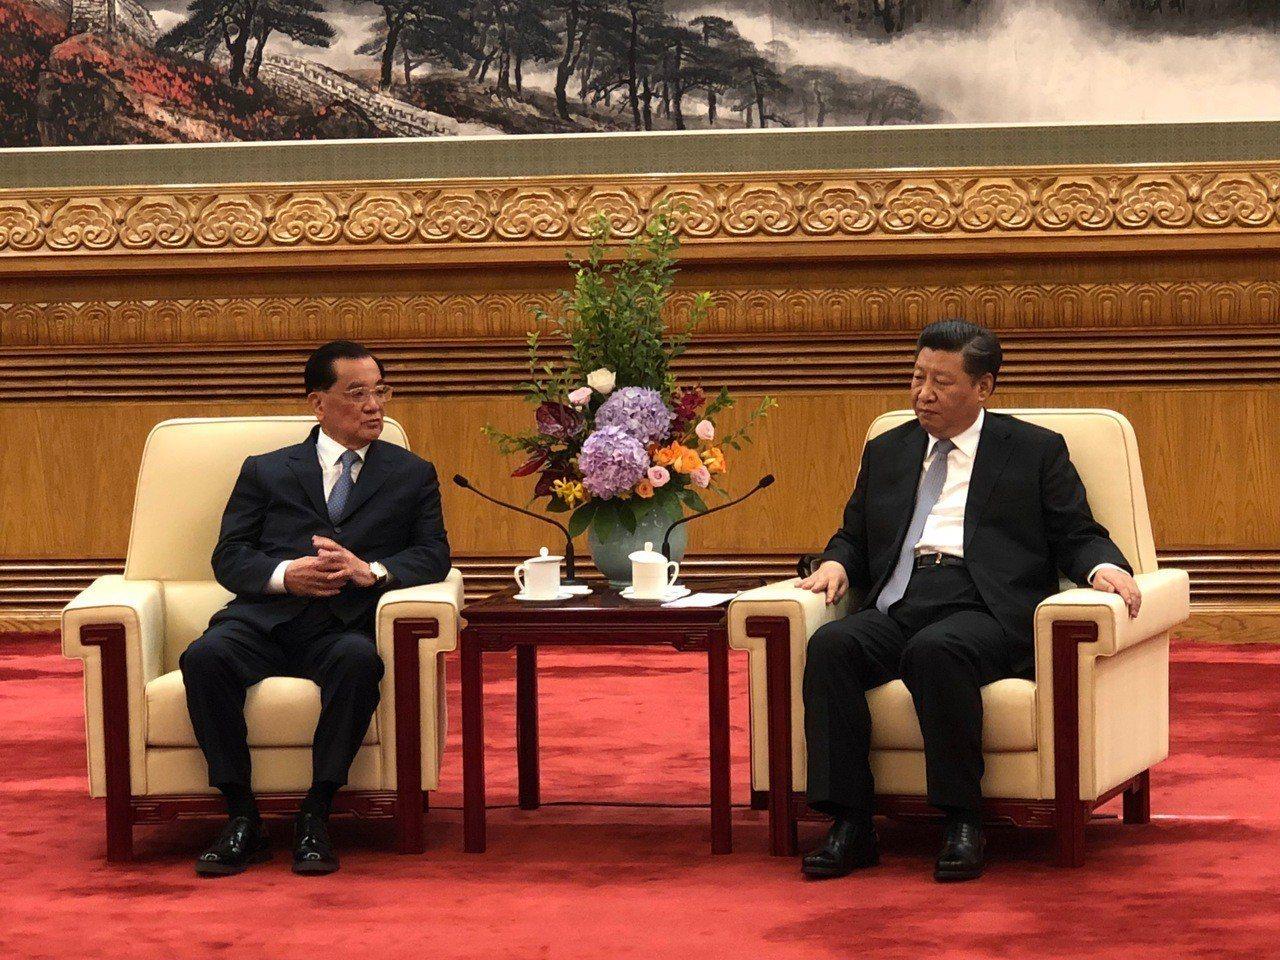 國民黨前主席連戰(左)13日上午在北京人民大會堂會見中共總書記習近平(右)。特派...